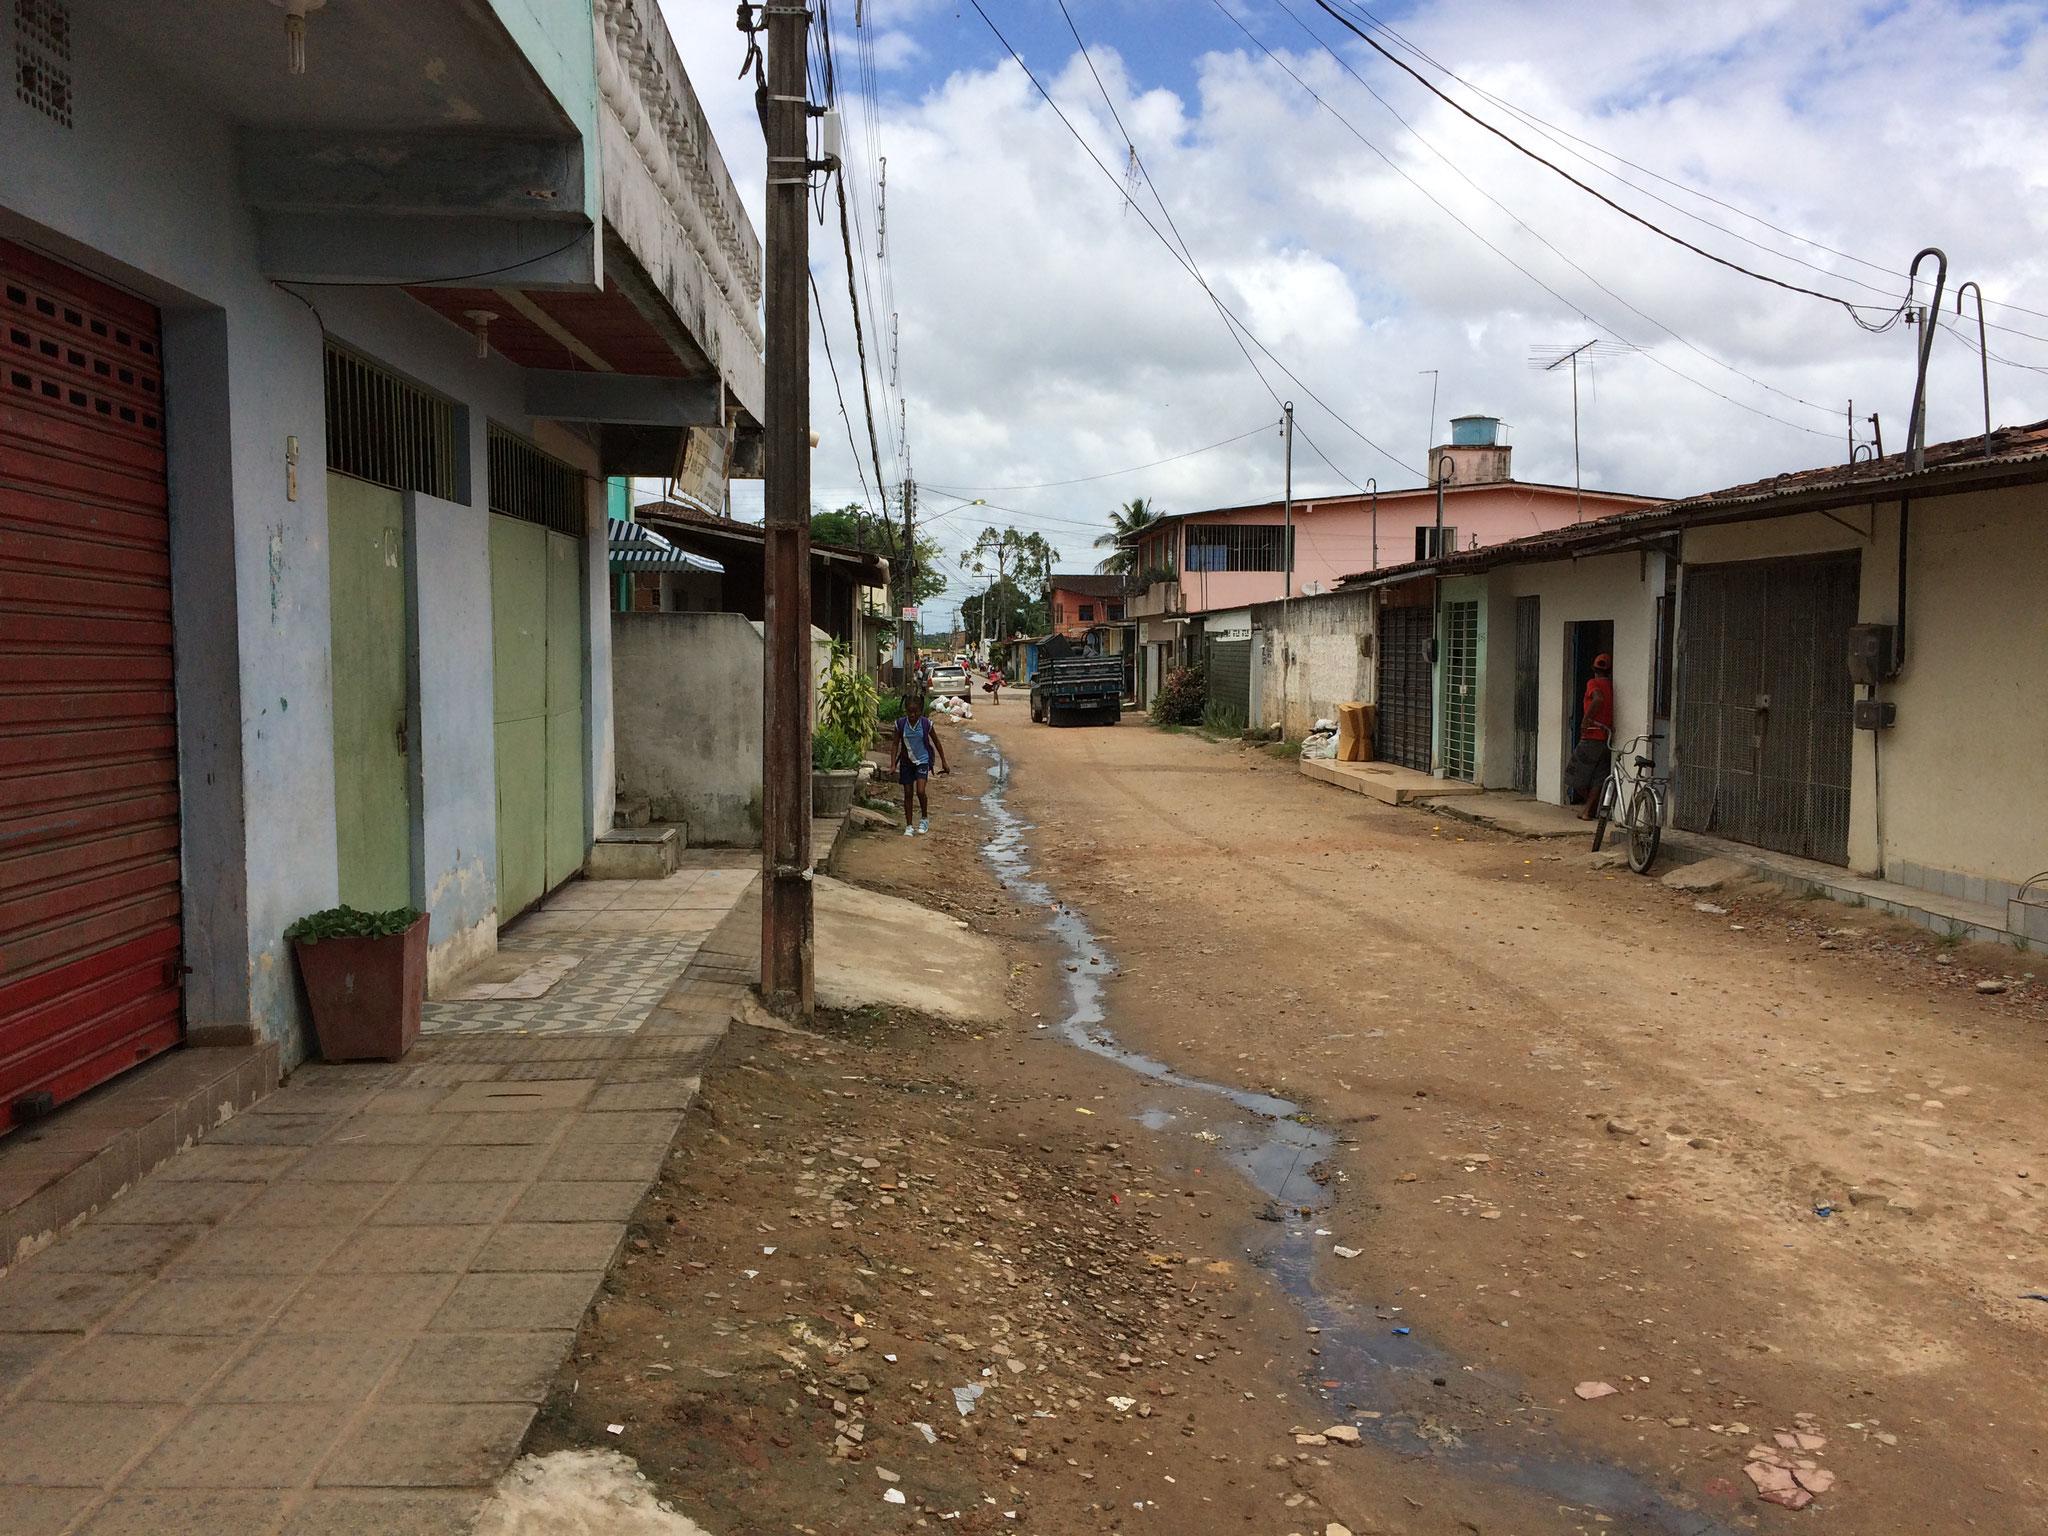 Projeto Esters: Favela's von Aldeia